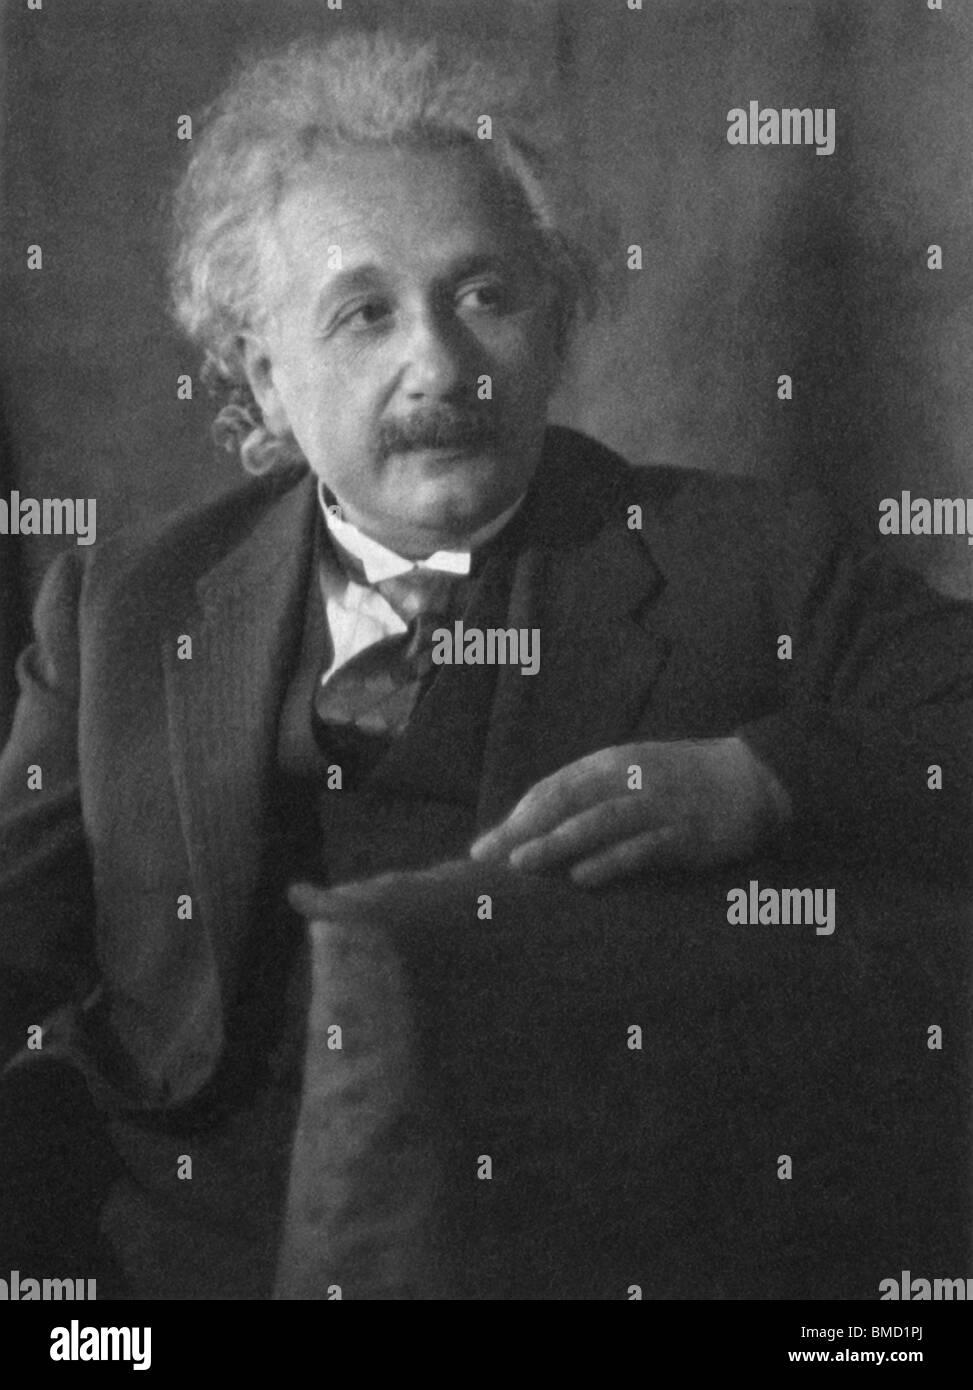 Vintage portrait photo c1931 of theoretical physicist Albert Einstein (1879 - 1955). - Stock Image